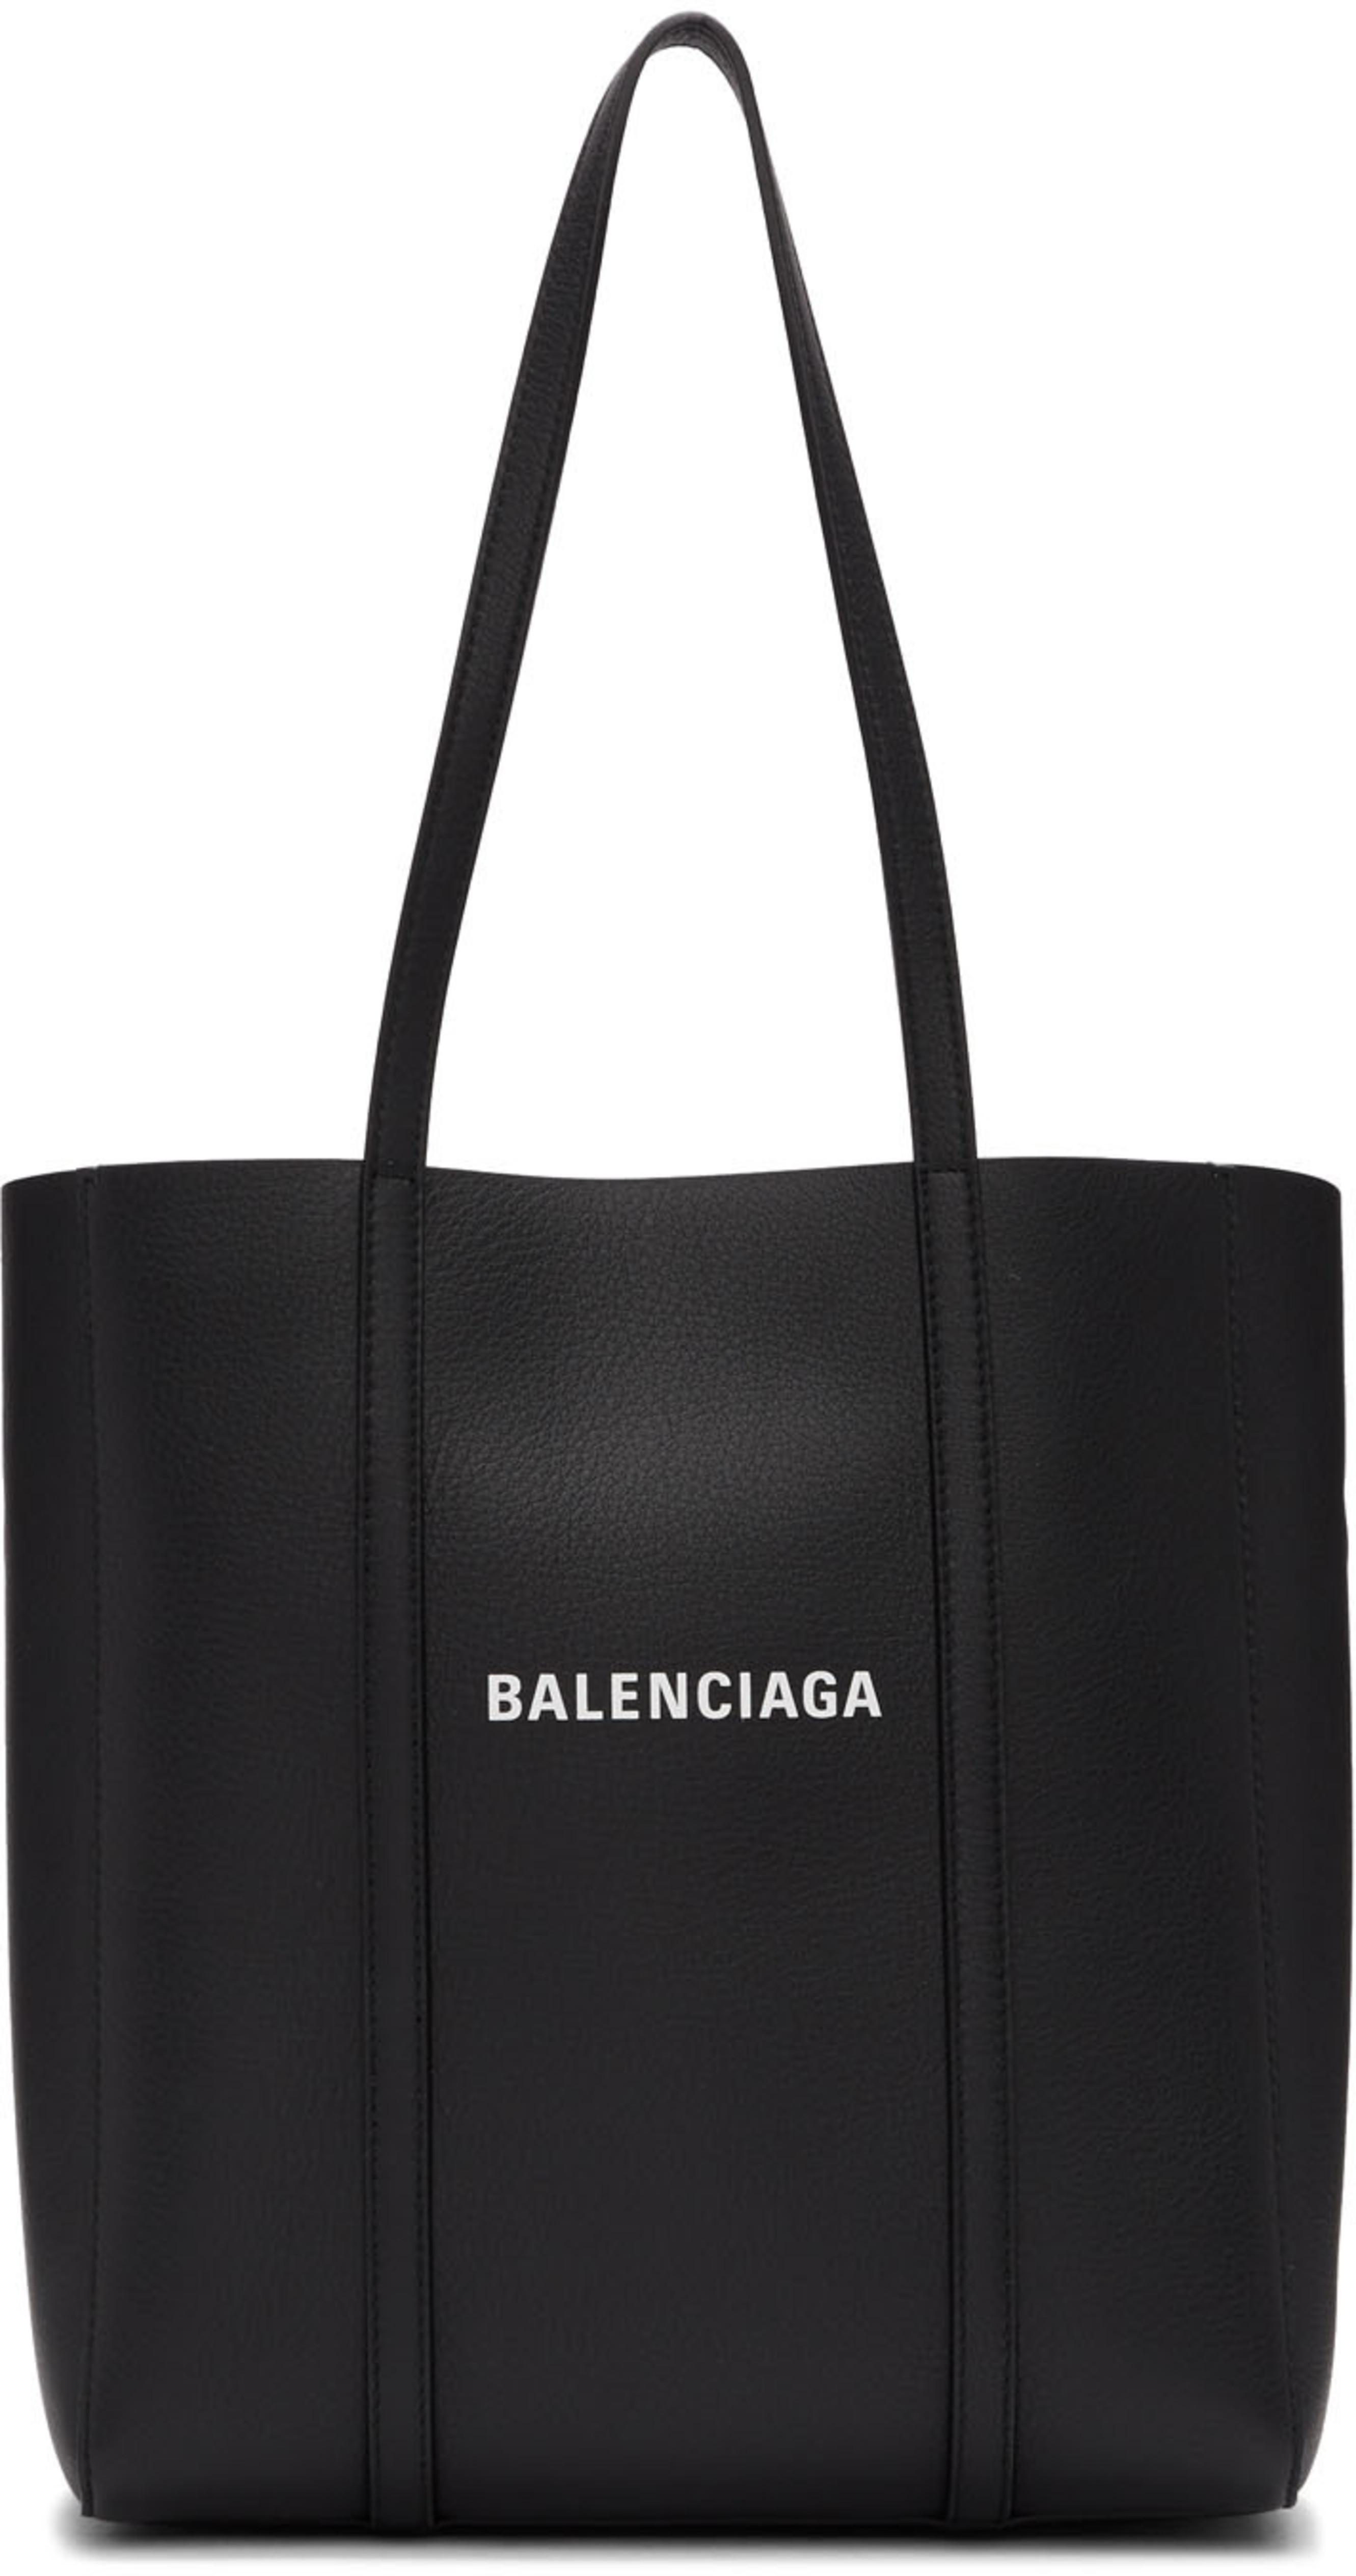 42dd56a3a Balenciaga for Women FW19 Collection | SSENSE